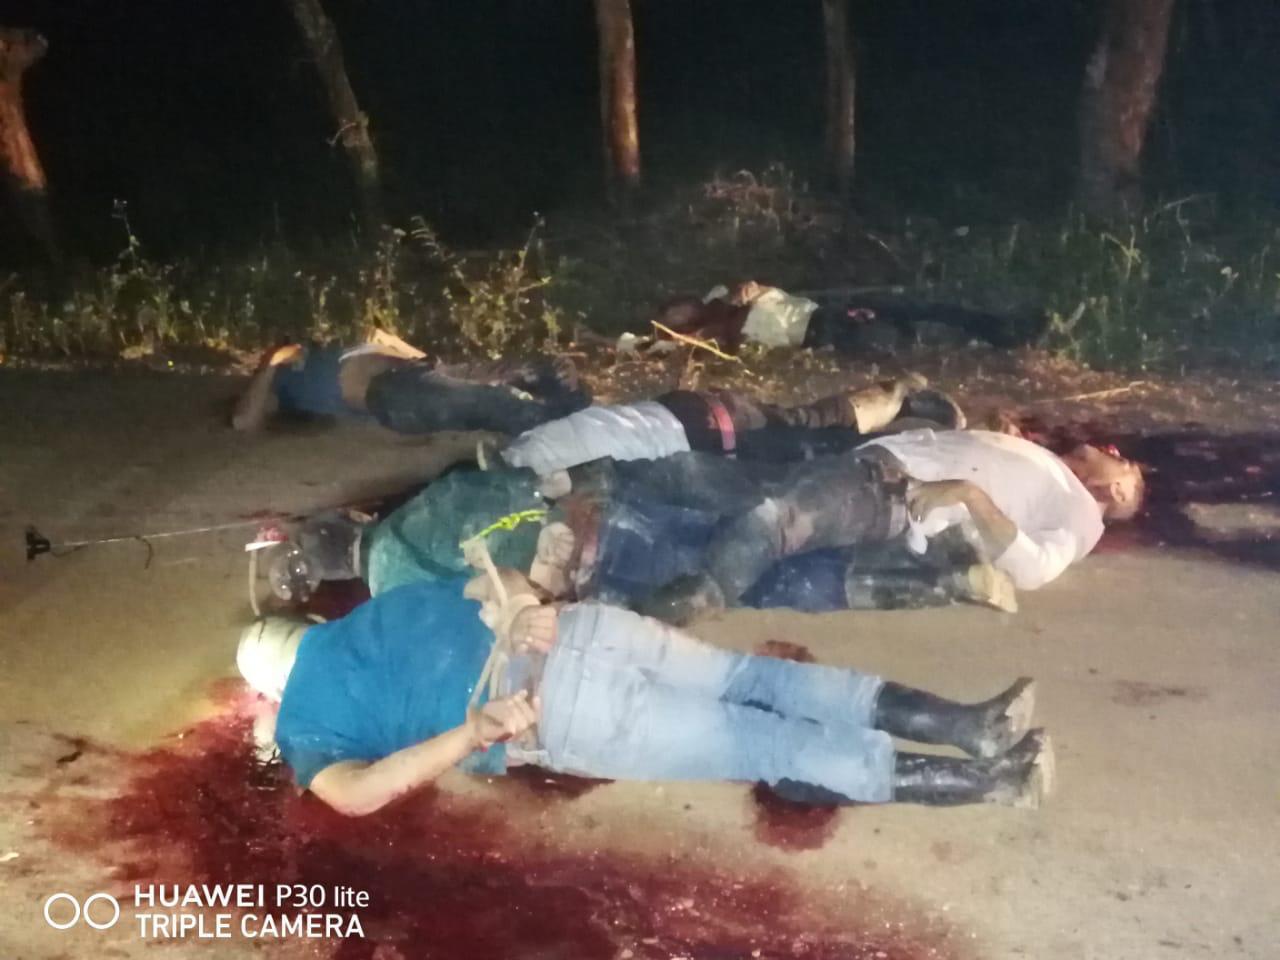 Hallan a 12 personas ejecutadas en Las Choapas, Veracruz, tras un largo enfrentamiento